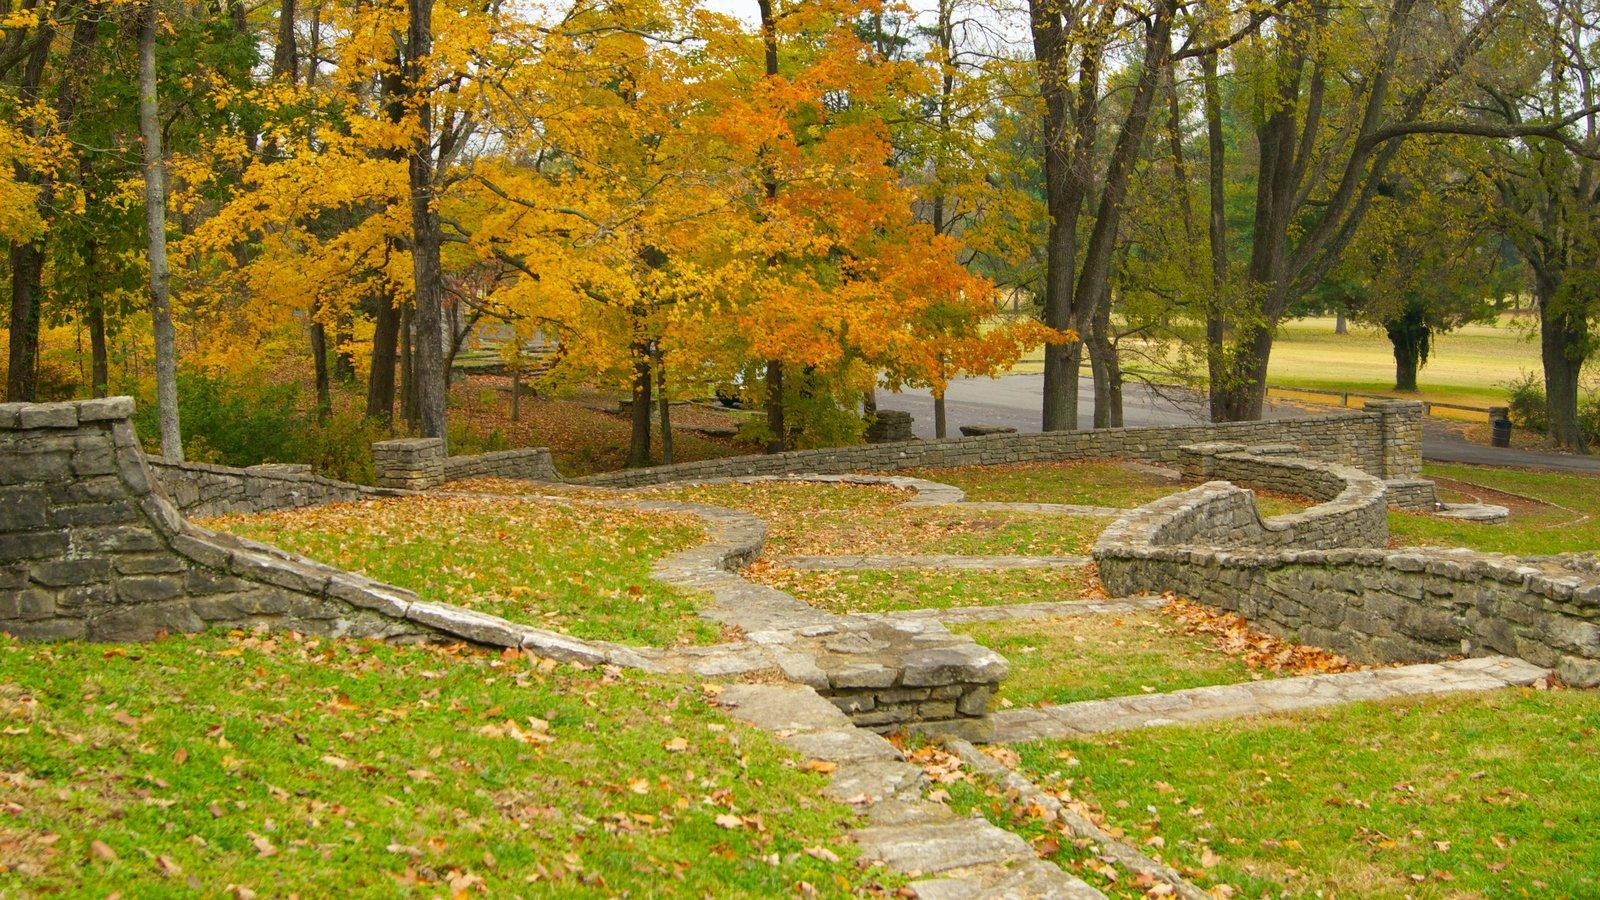 Edwin and Percy Warner Parks mostrando un jardín, hojas de otoño y vistas de paisajes